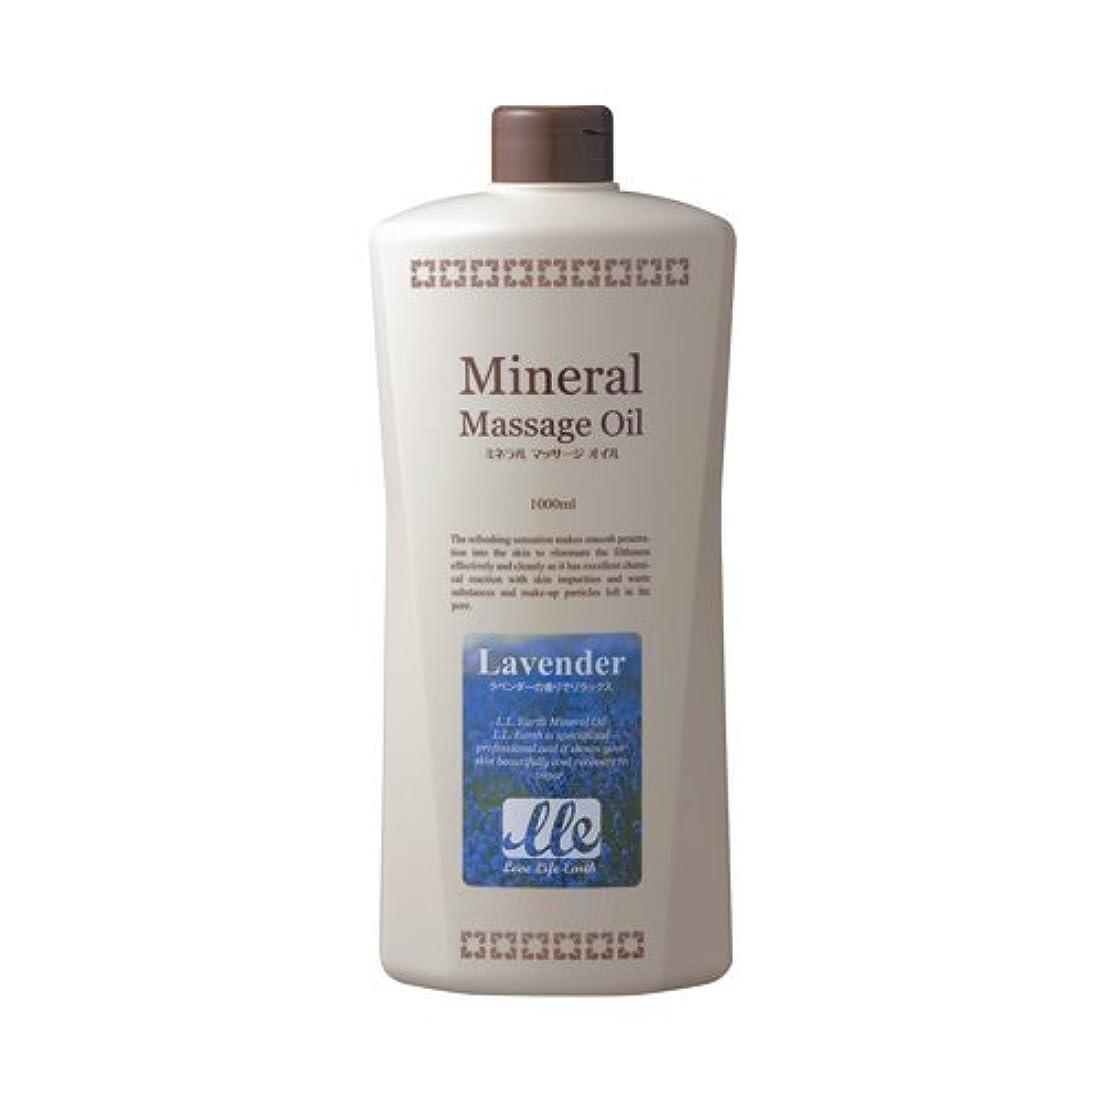 LLE 業務用 ミネラル マッサージオイル [香り5種] (ボディ用) ラベンダー1L